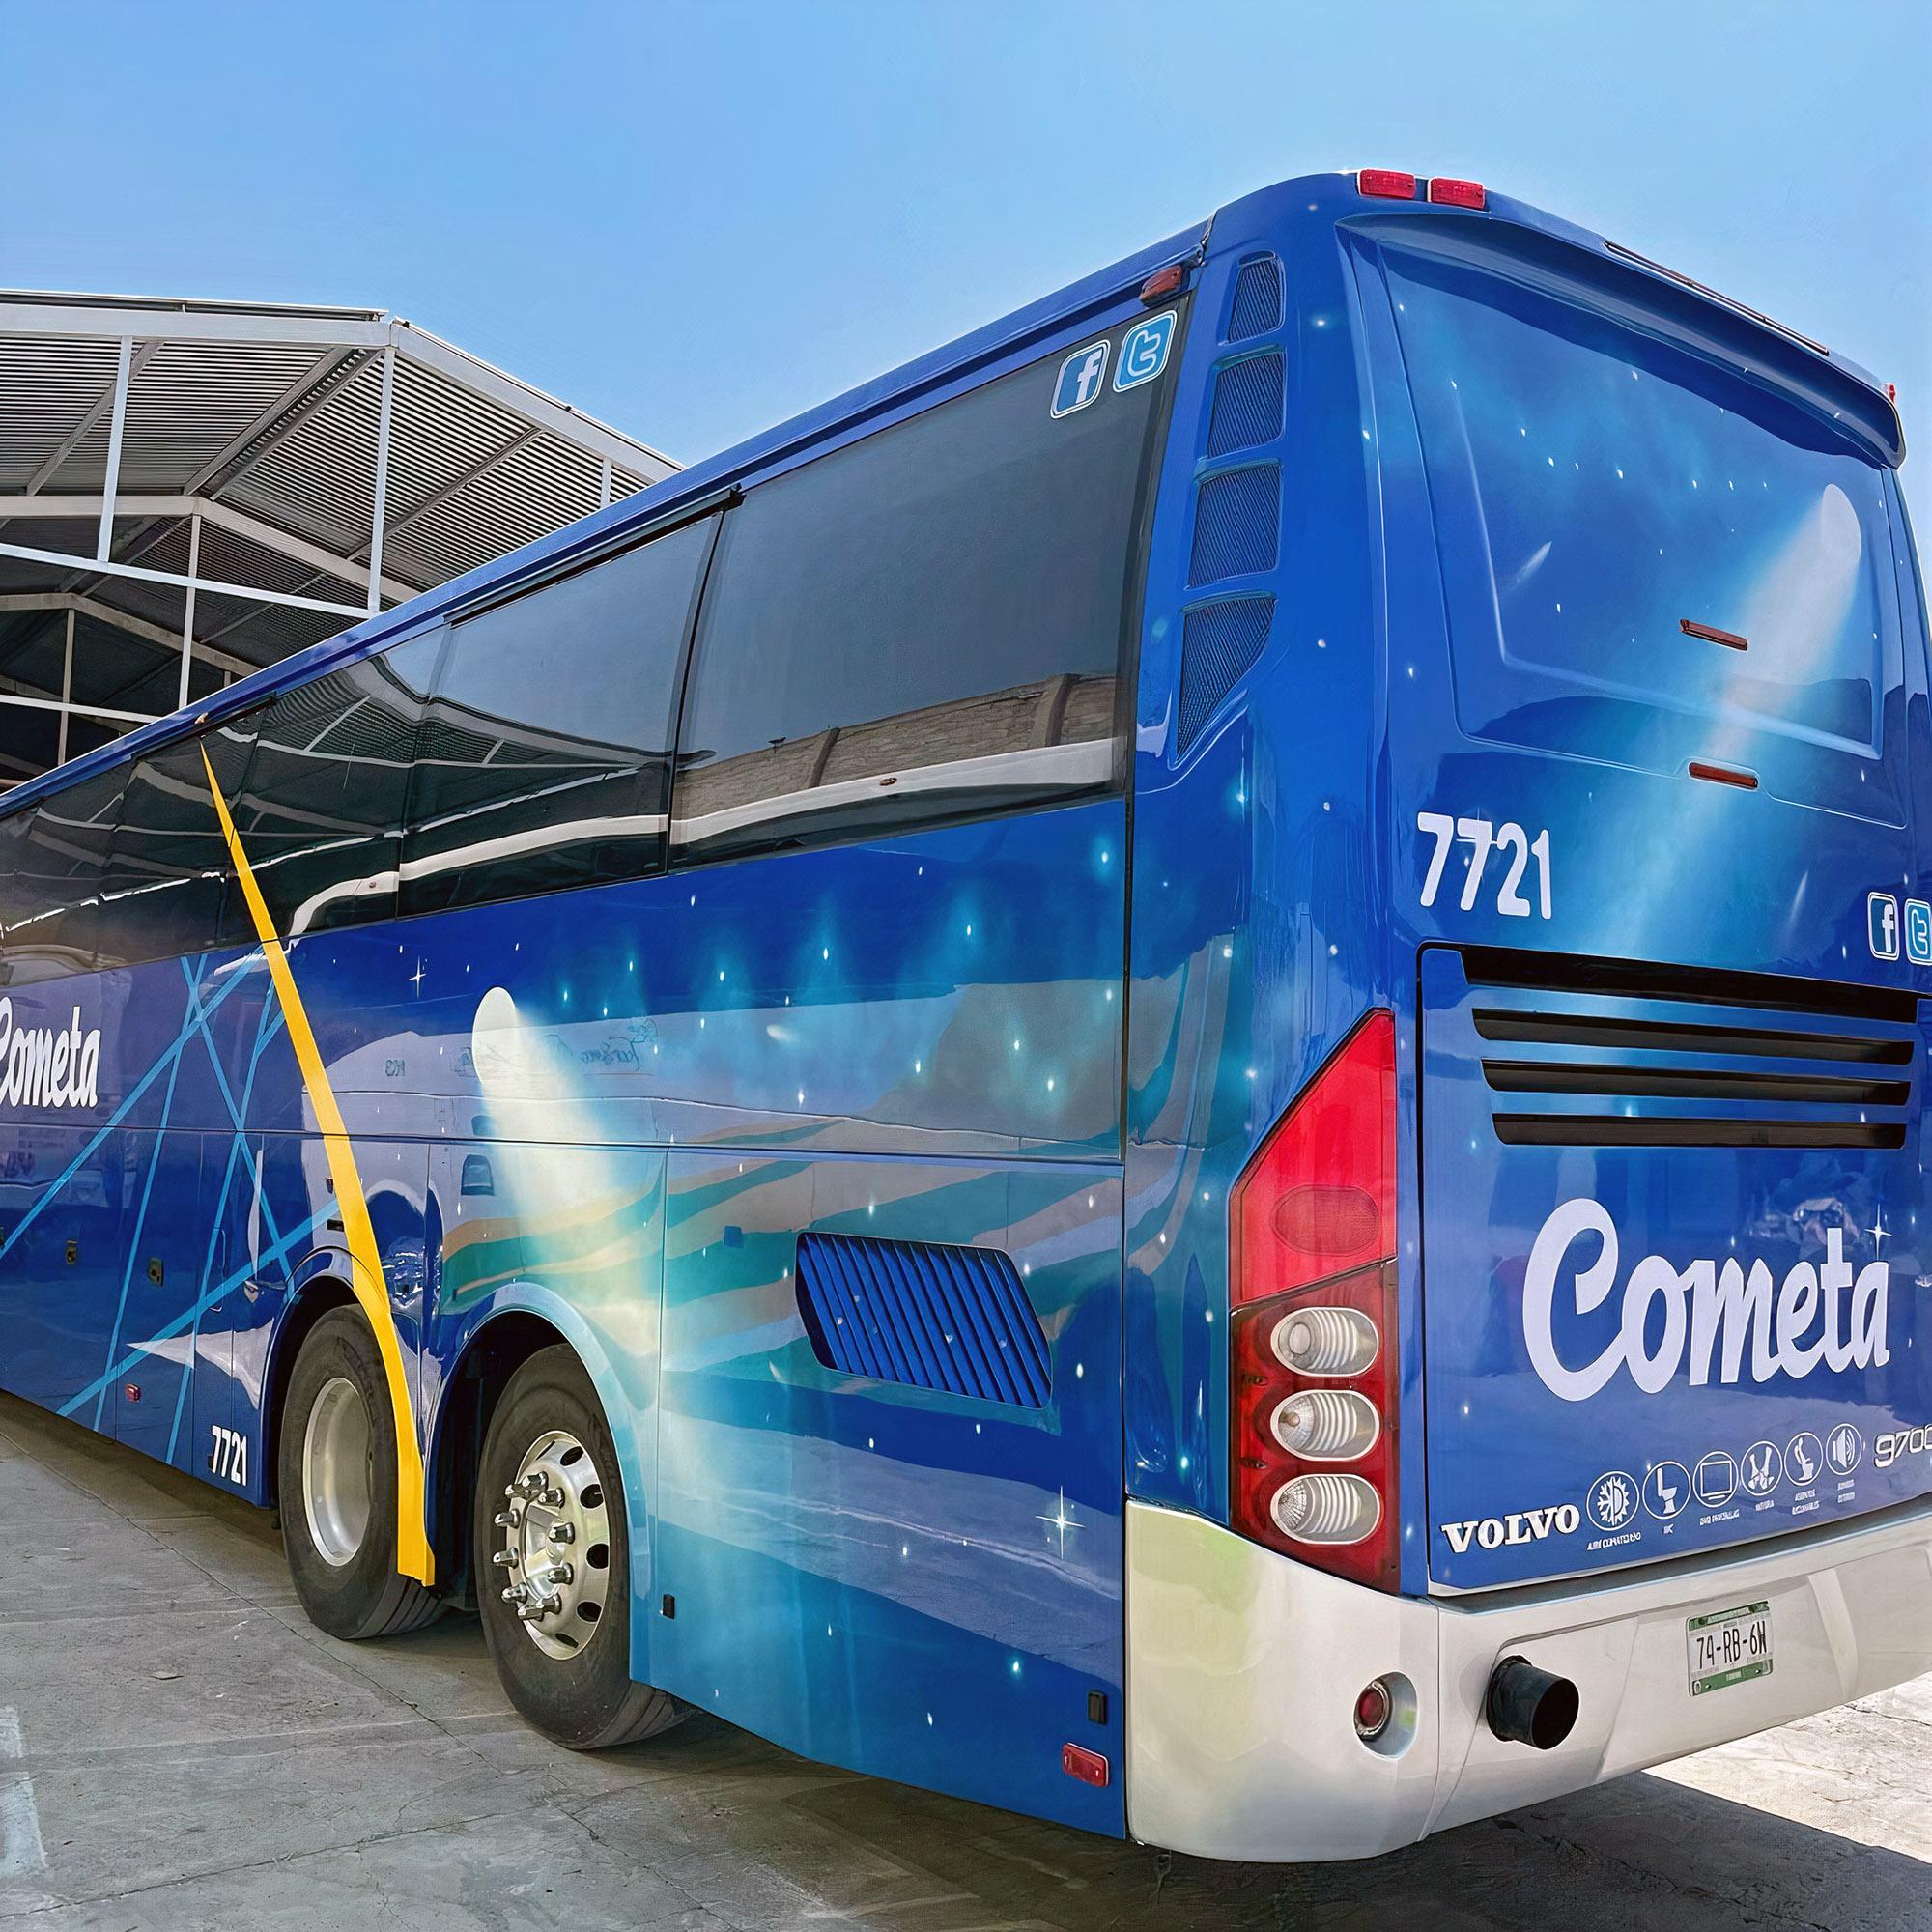 Viacao-Cometa-EUA-JC-Lomer-2.jpg